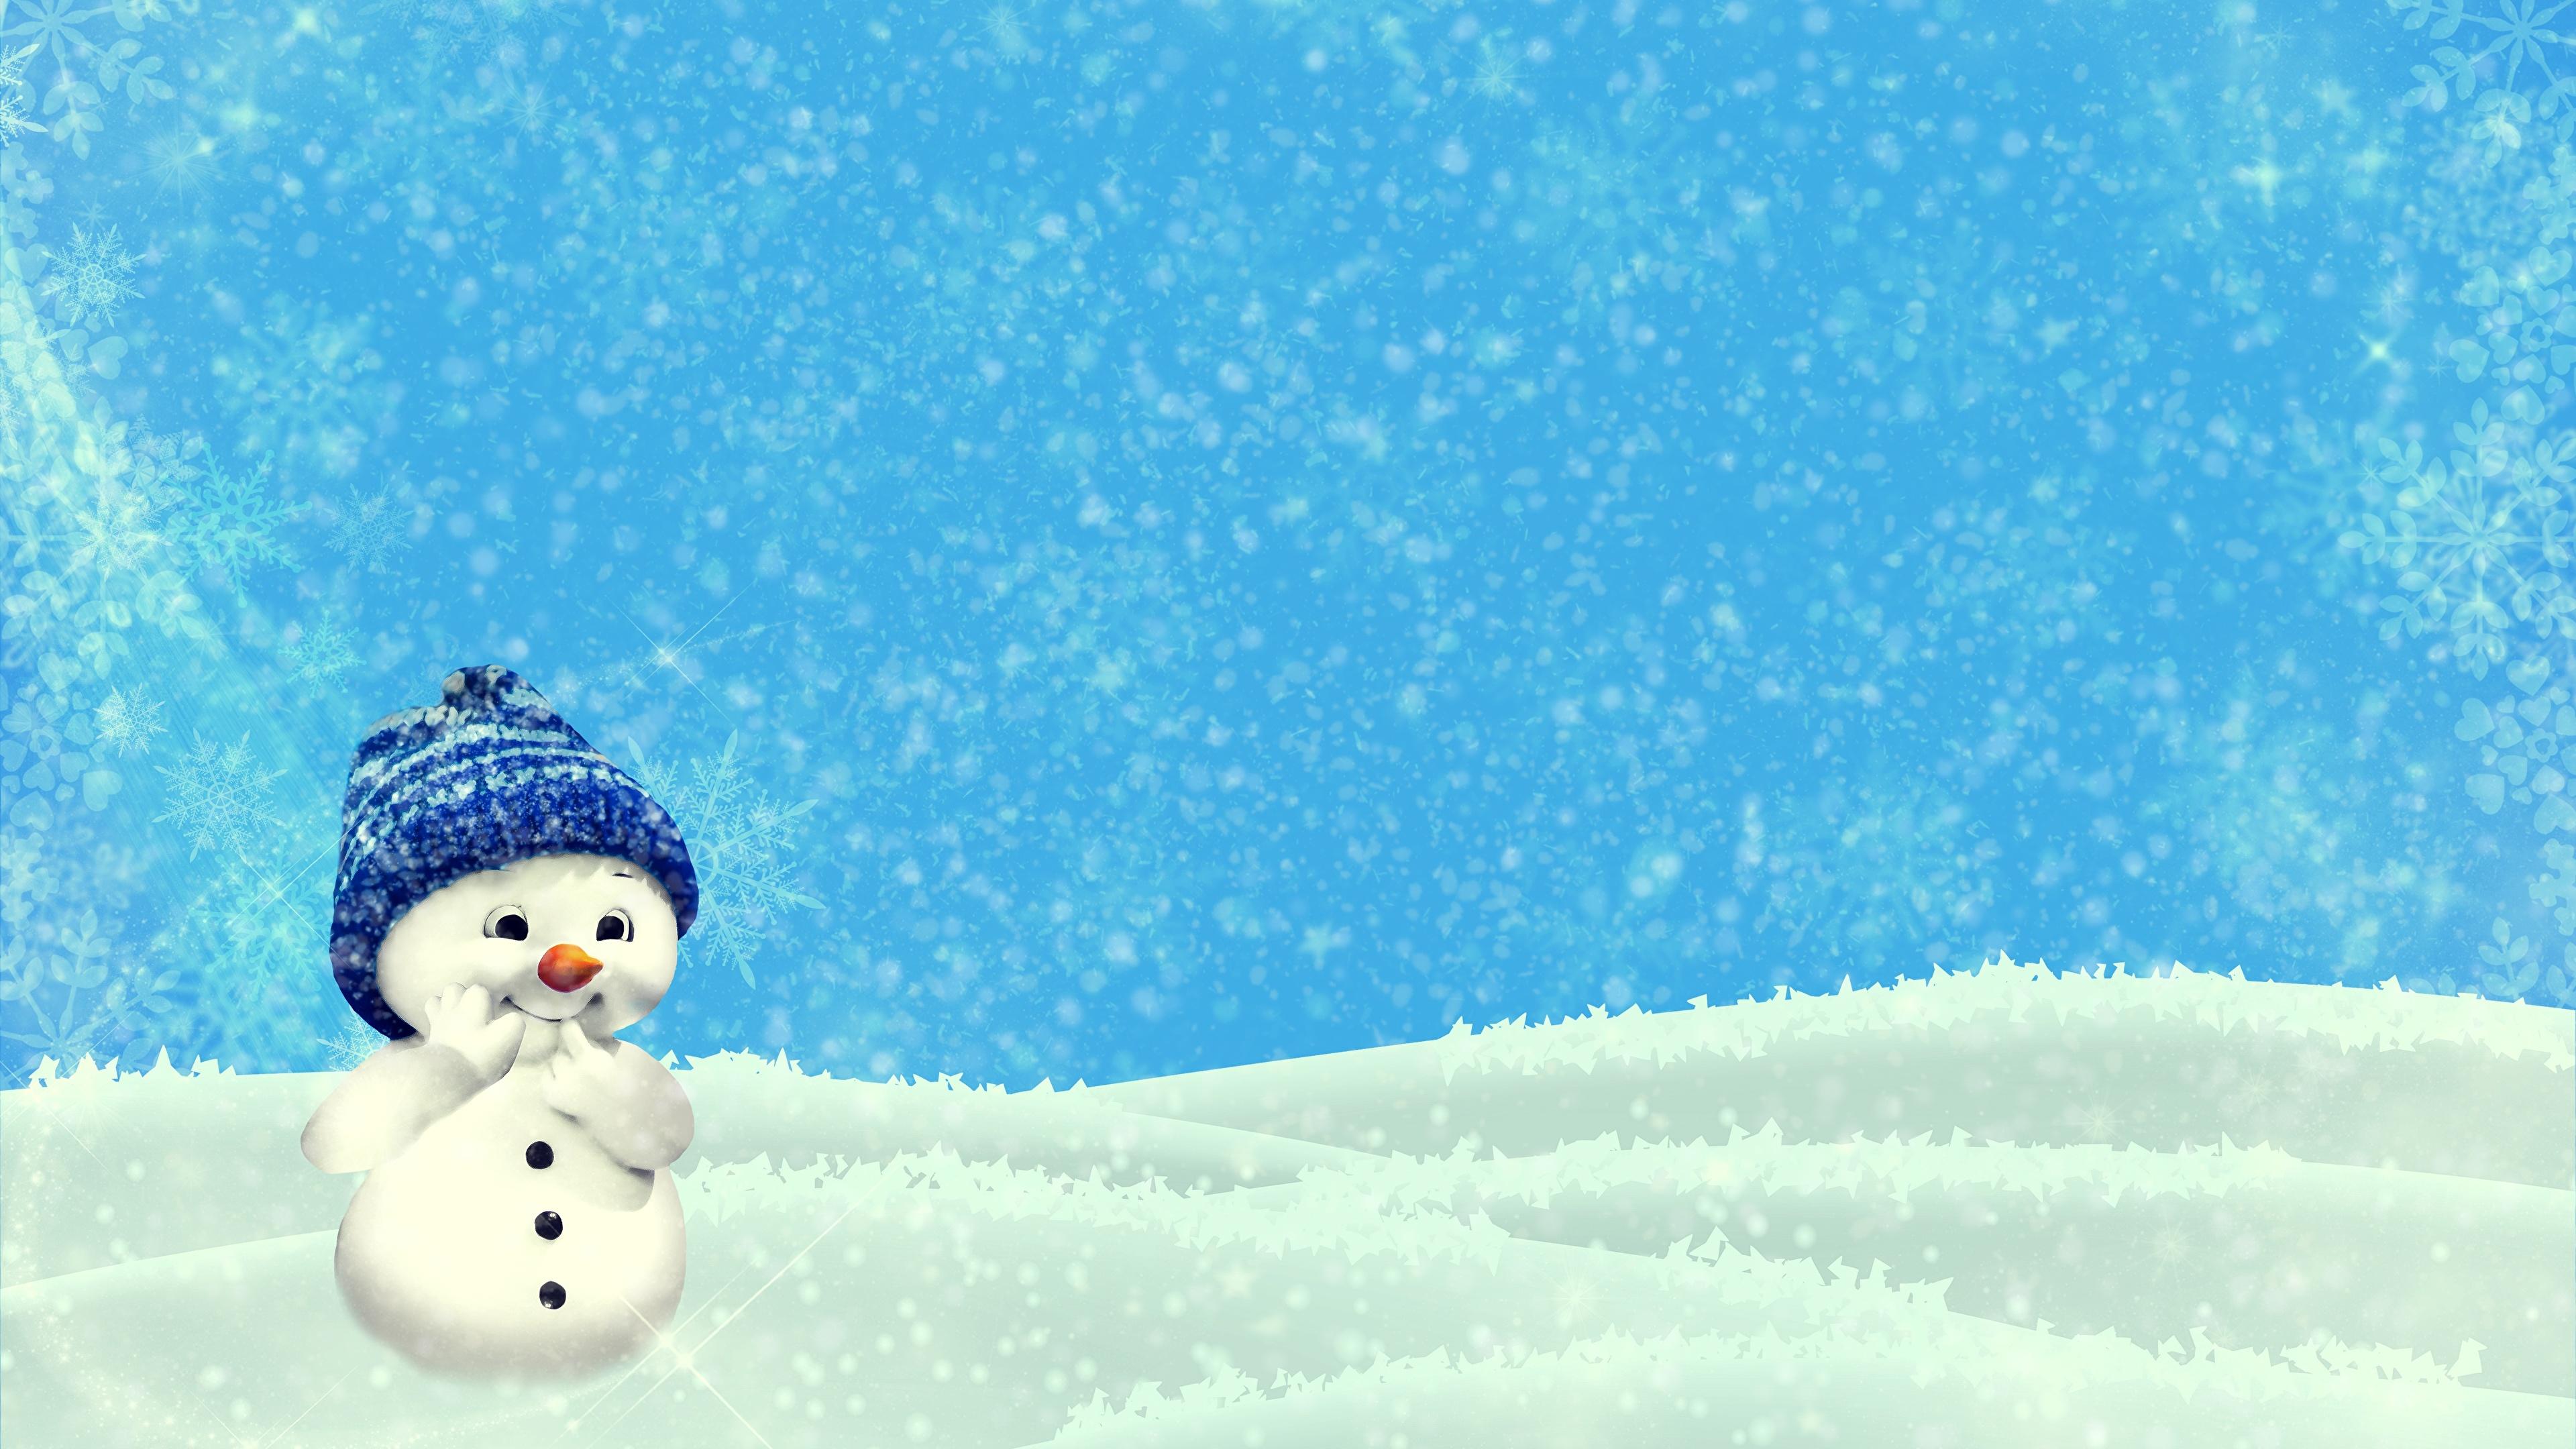 壁紙 3840x2160 冬 雪 雪だるま 暖かい帽子 テンプレート